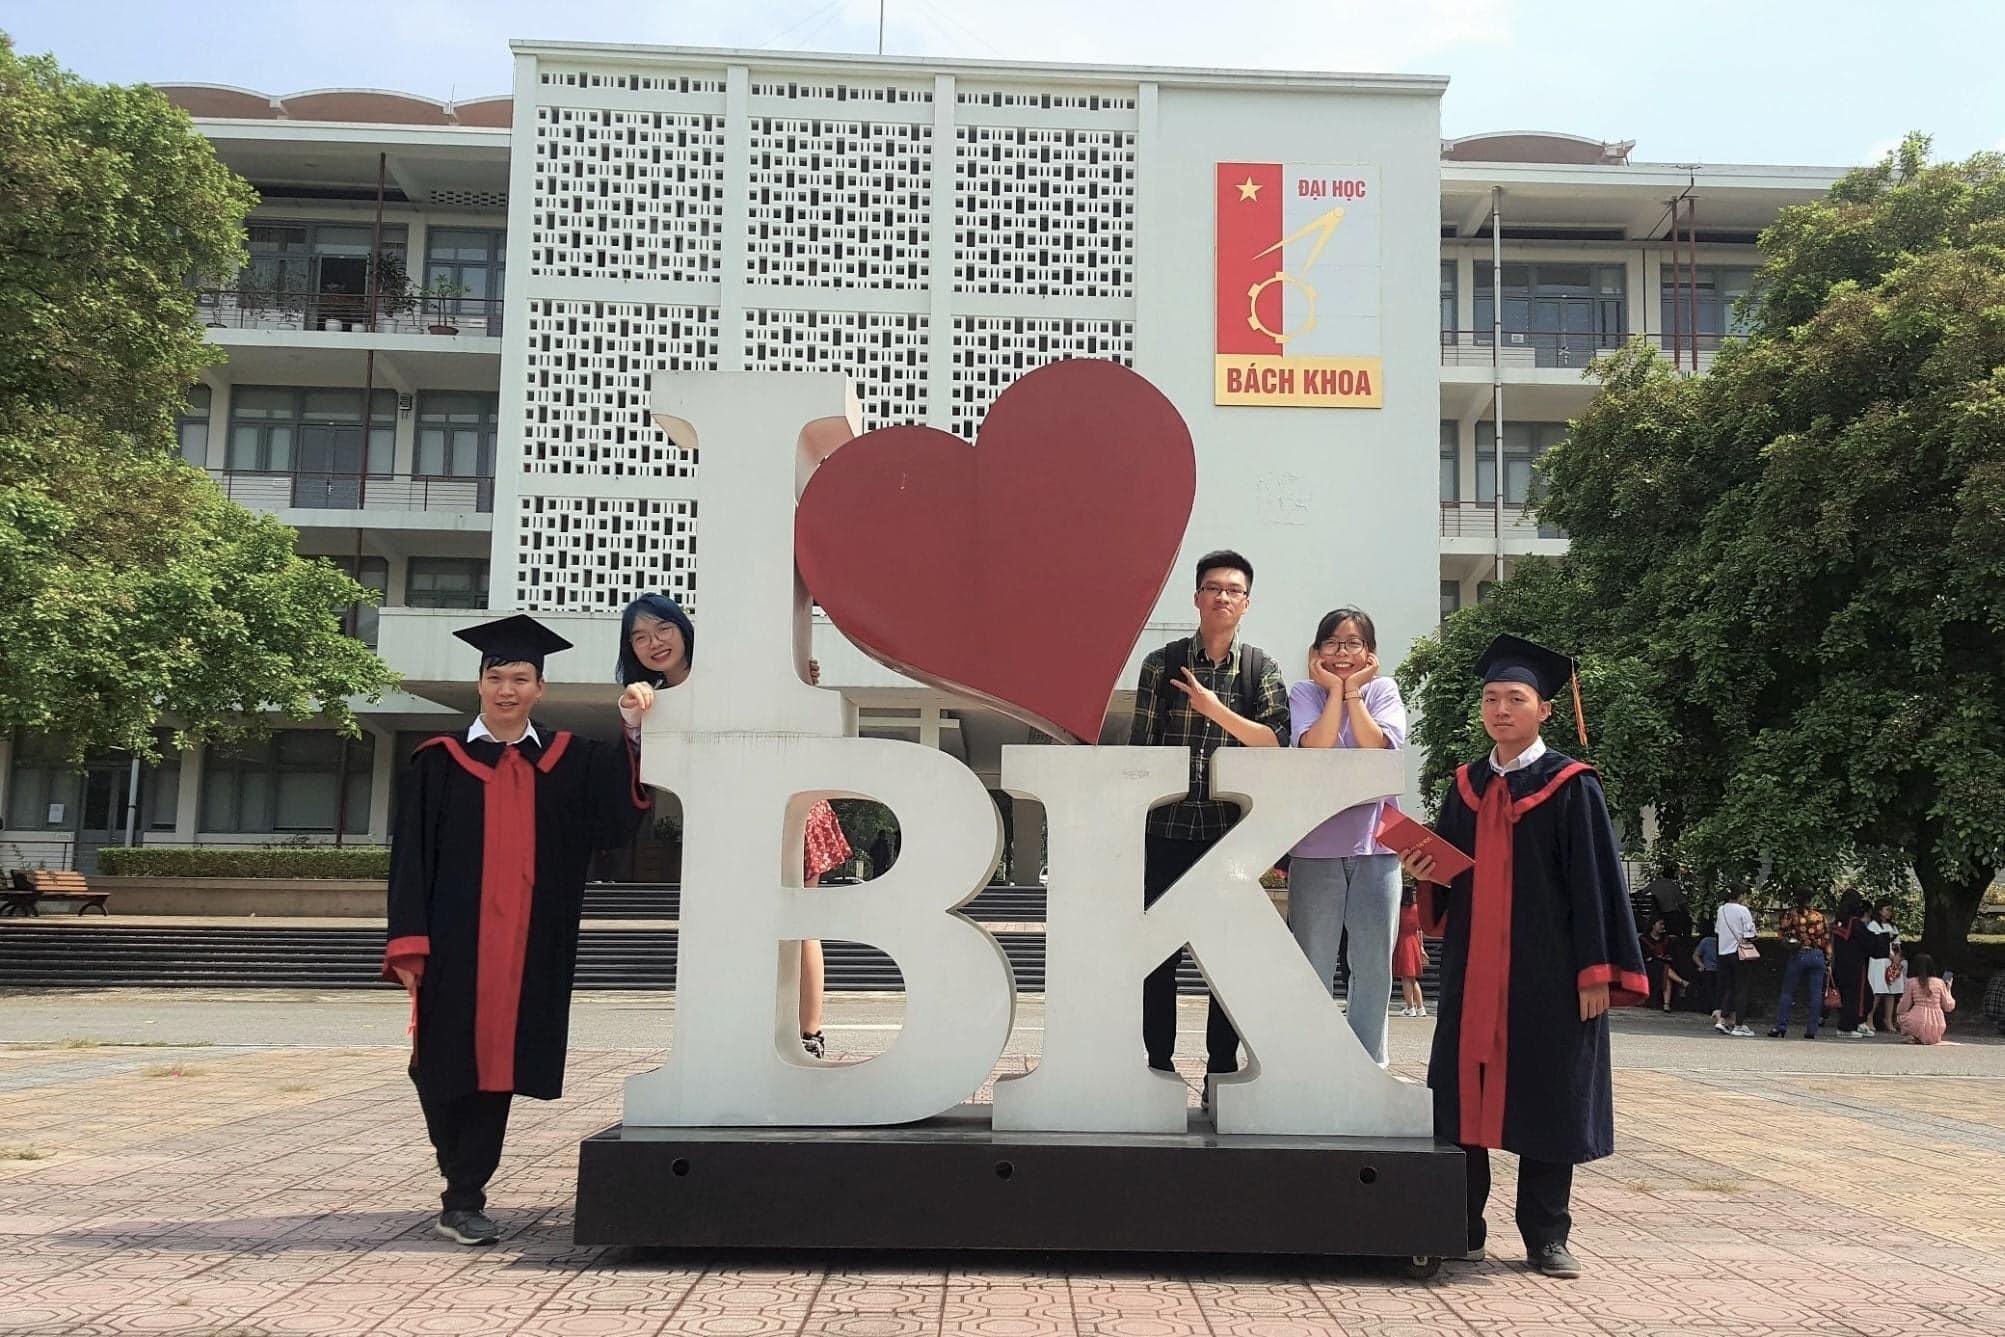 Đại học Bách khoa Hà Nội,Viện Điện tử Viễn thông,Nguyễn Ngọc Cường,học bổng Honda Y-E-S